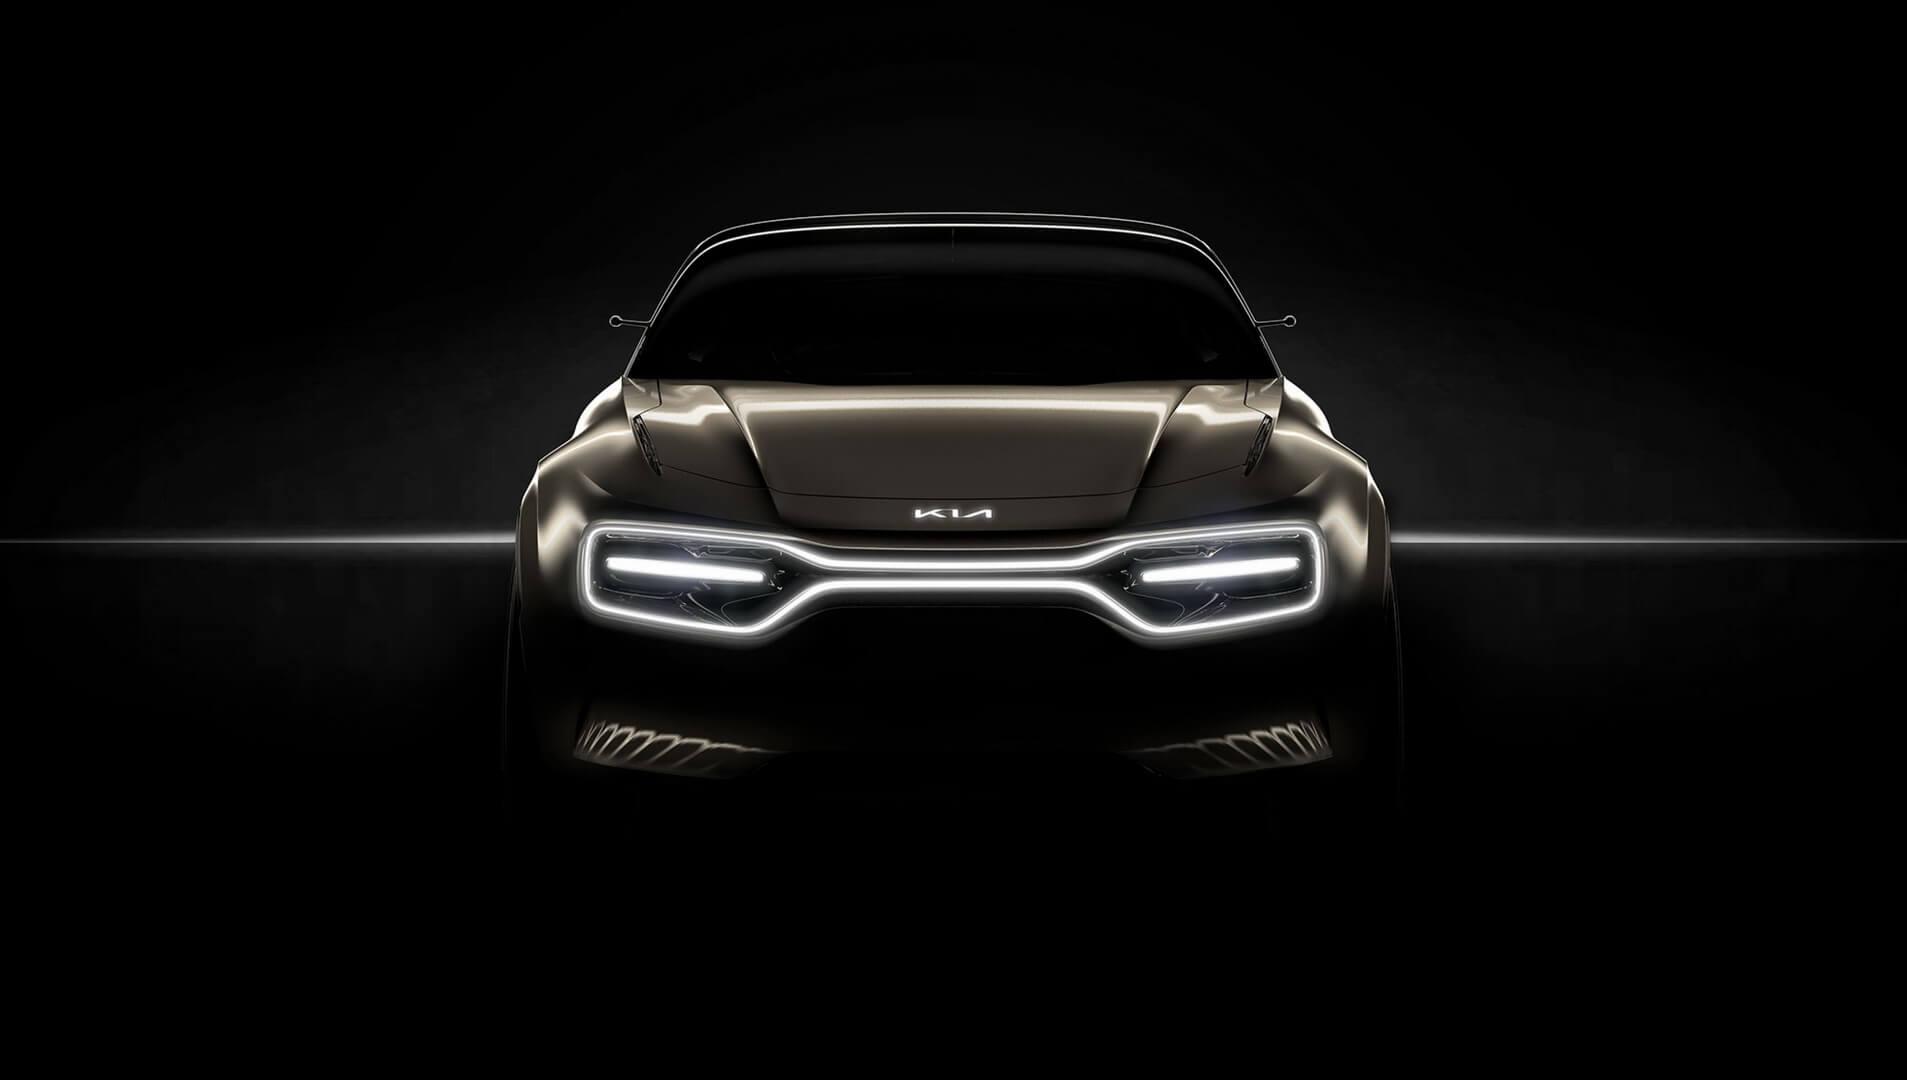 Тизер нового концепта спортивного электромобиля KIA